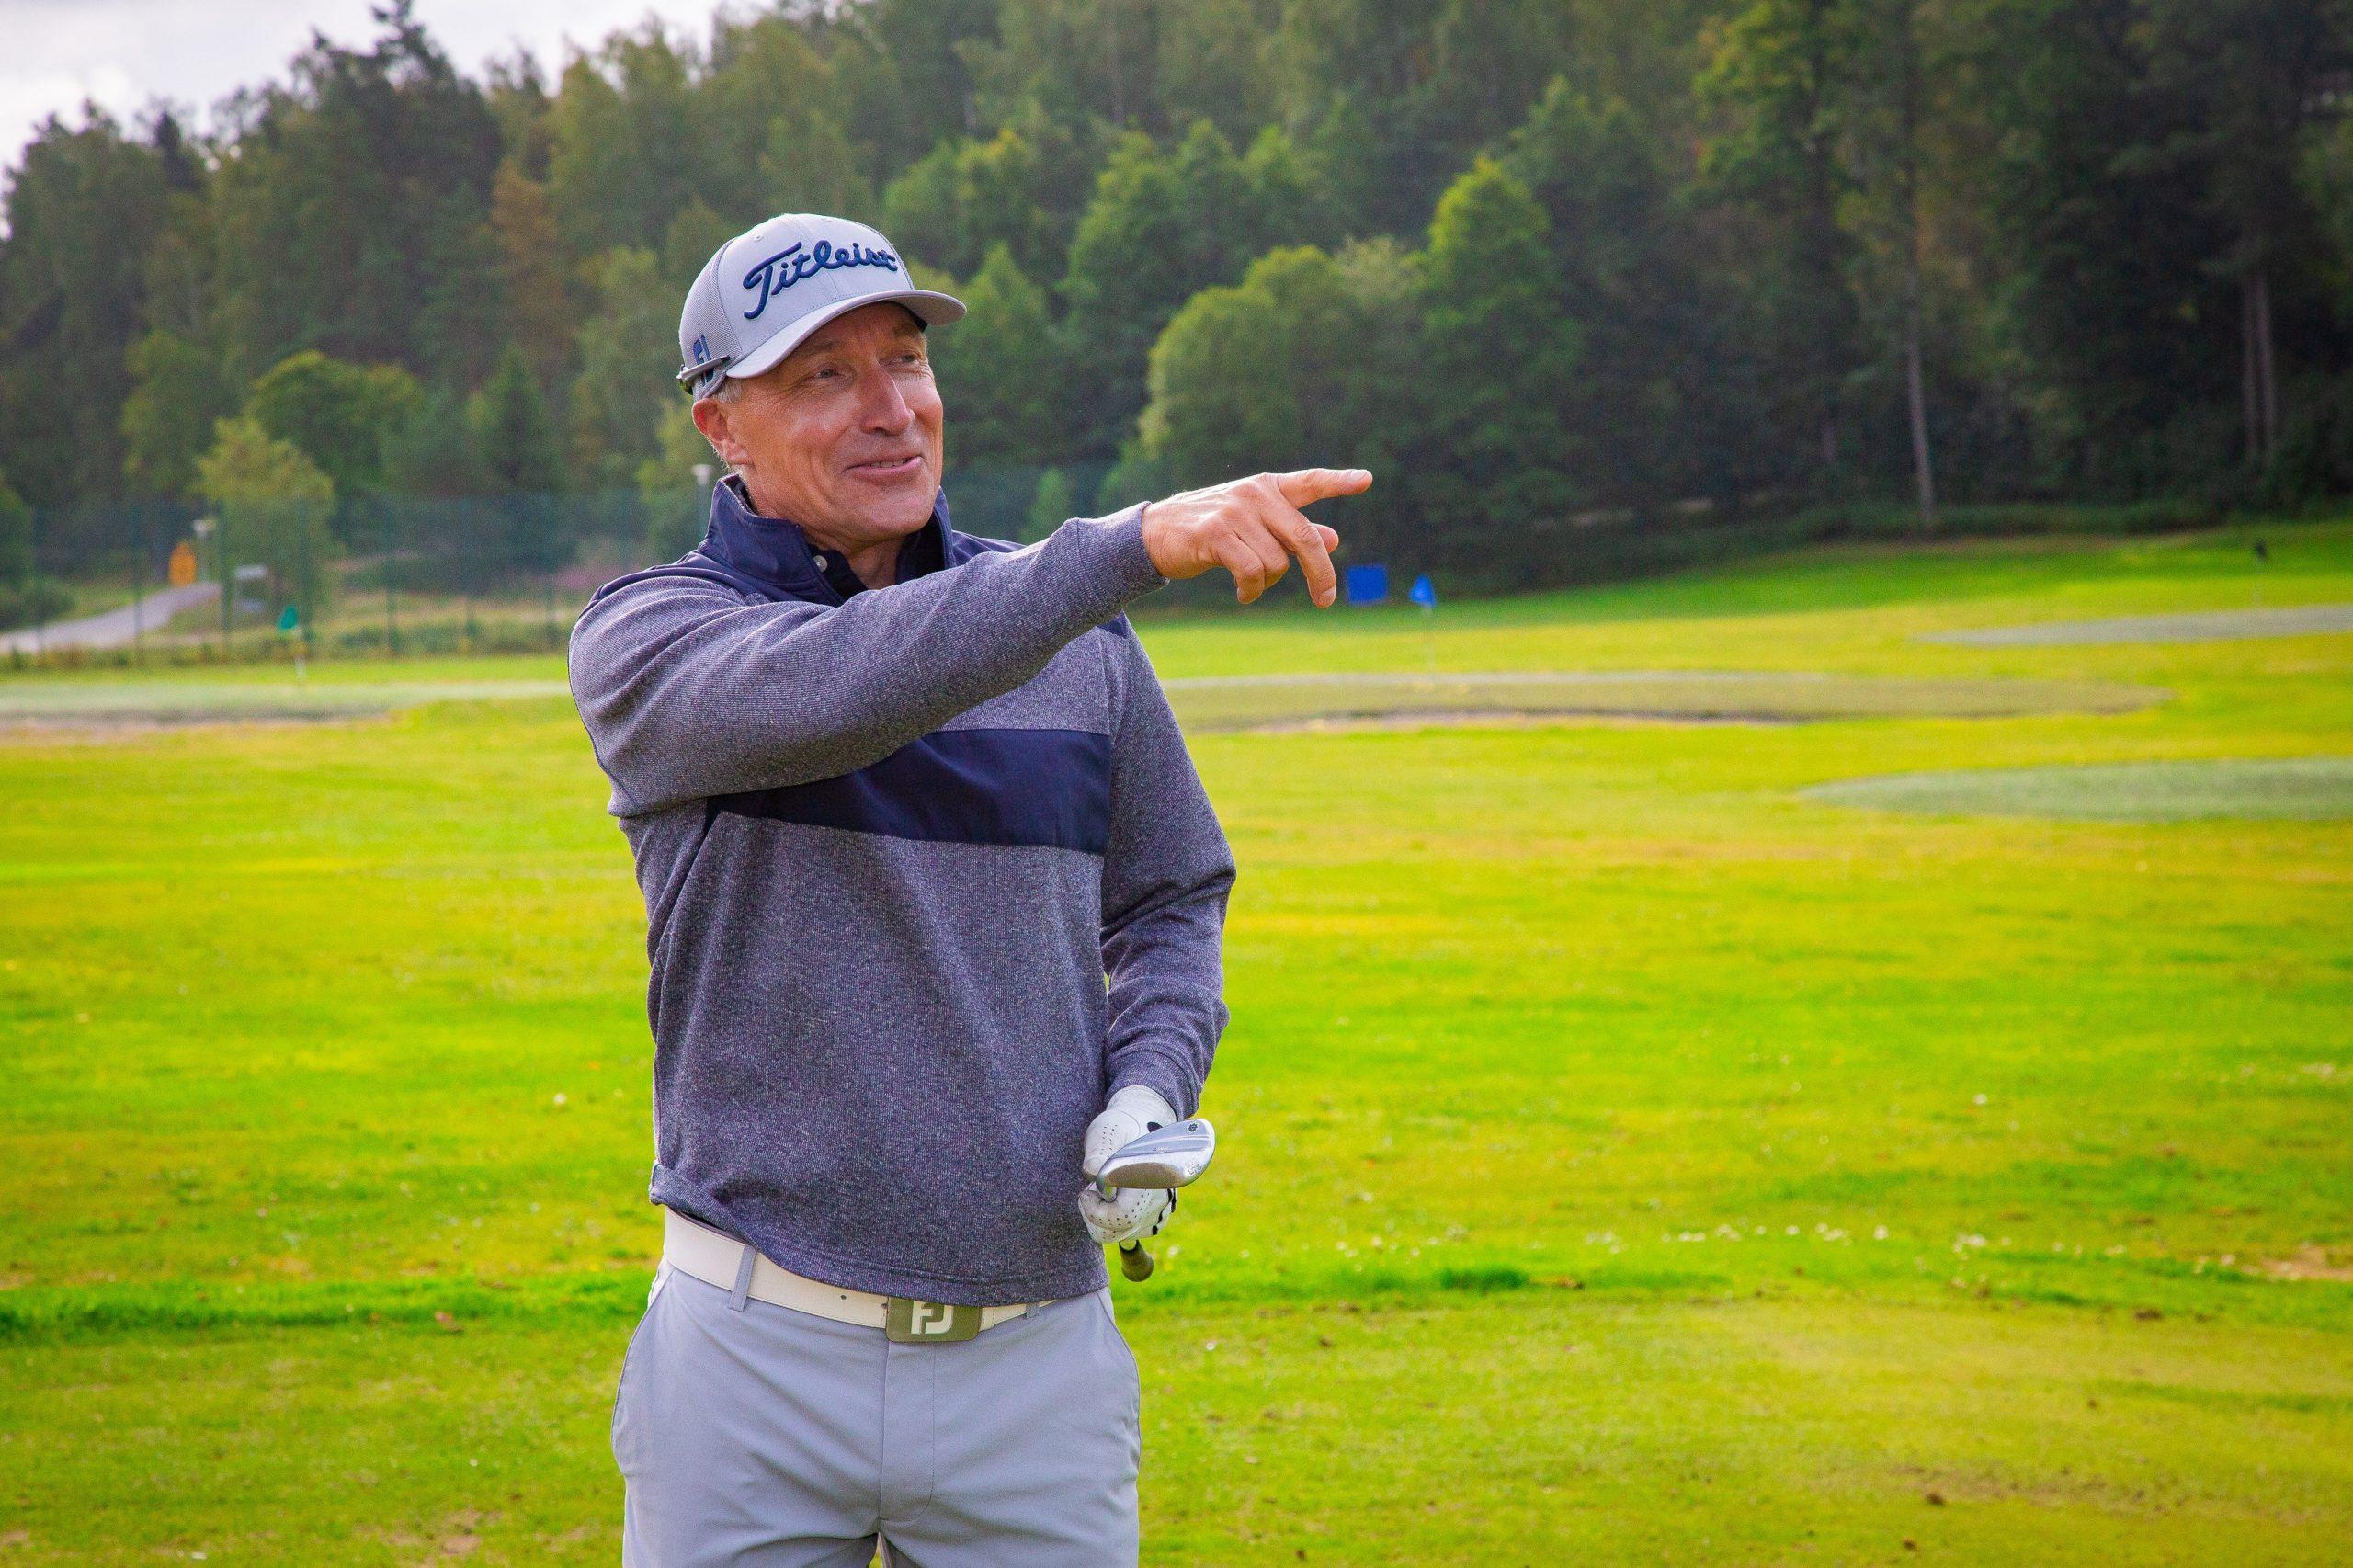 Minni & Roope Golfschool vahvistaa valmennustiimiään